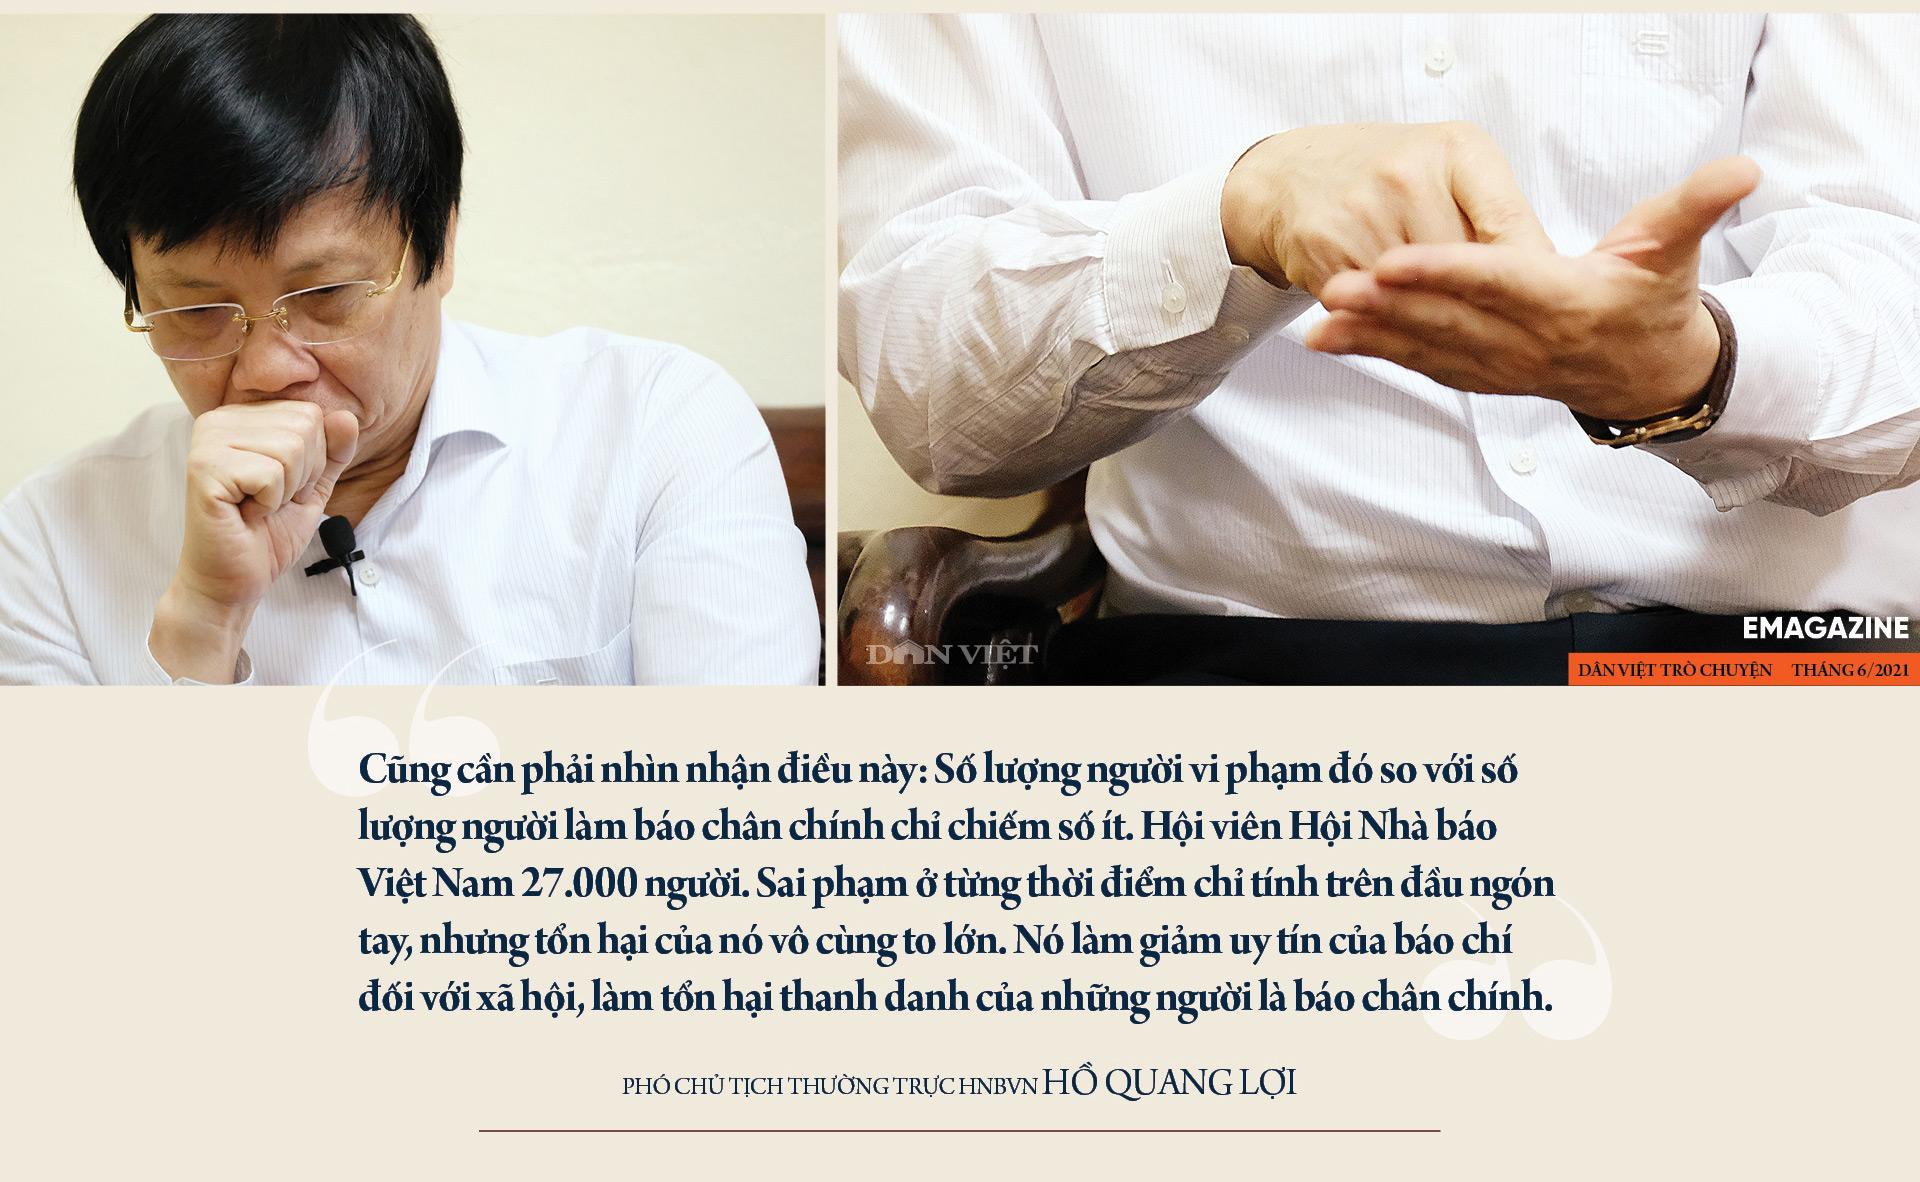 Nhà báo Hồ Quang Lợi: Dù công nghệ thay đổi ra sao, mấu chốt nghề báo vẫn là vì công lý và sự thật - Ảnh 14.